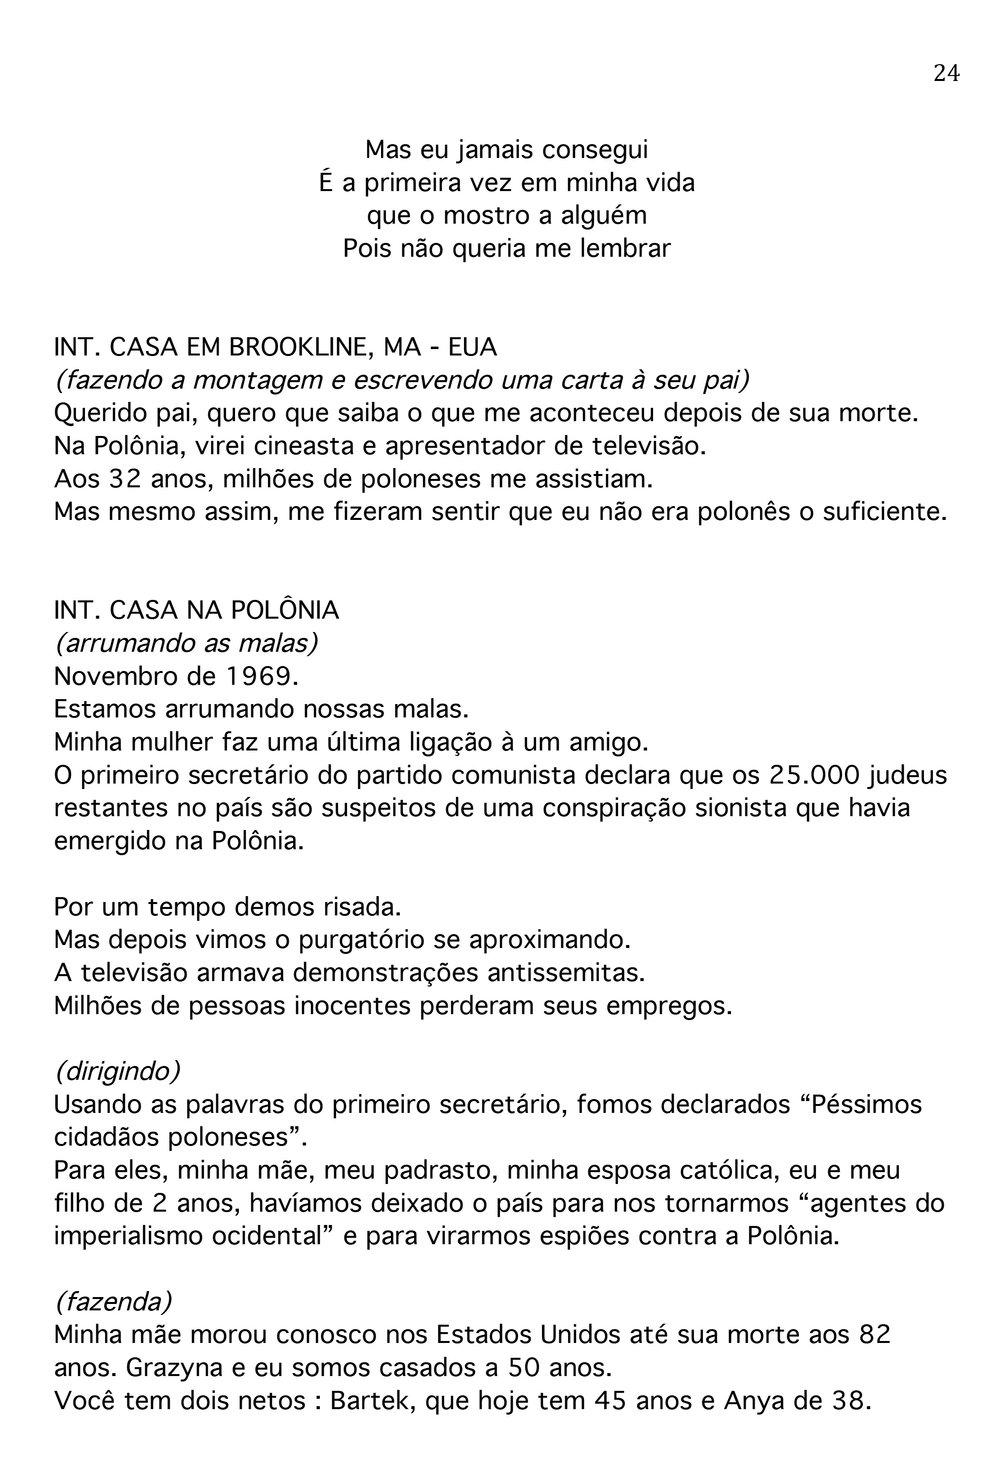 PORTUGUESE-SCRIPT-24.jpg